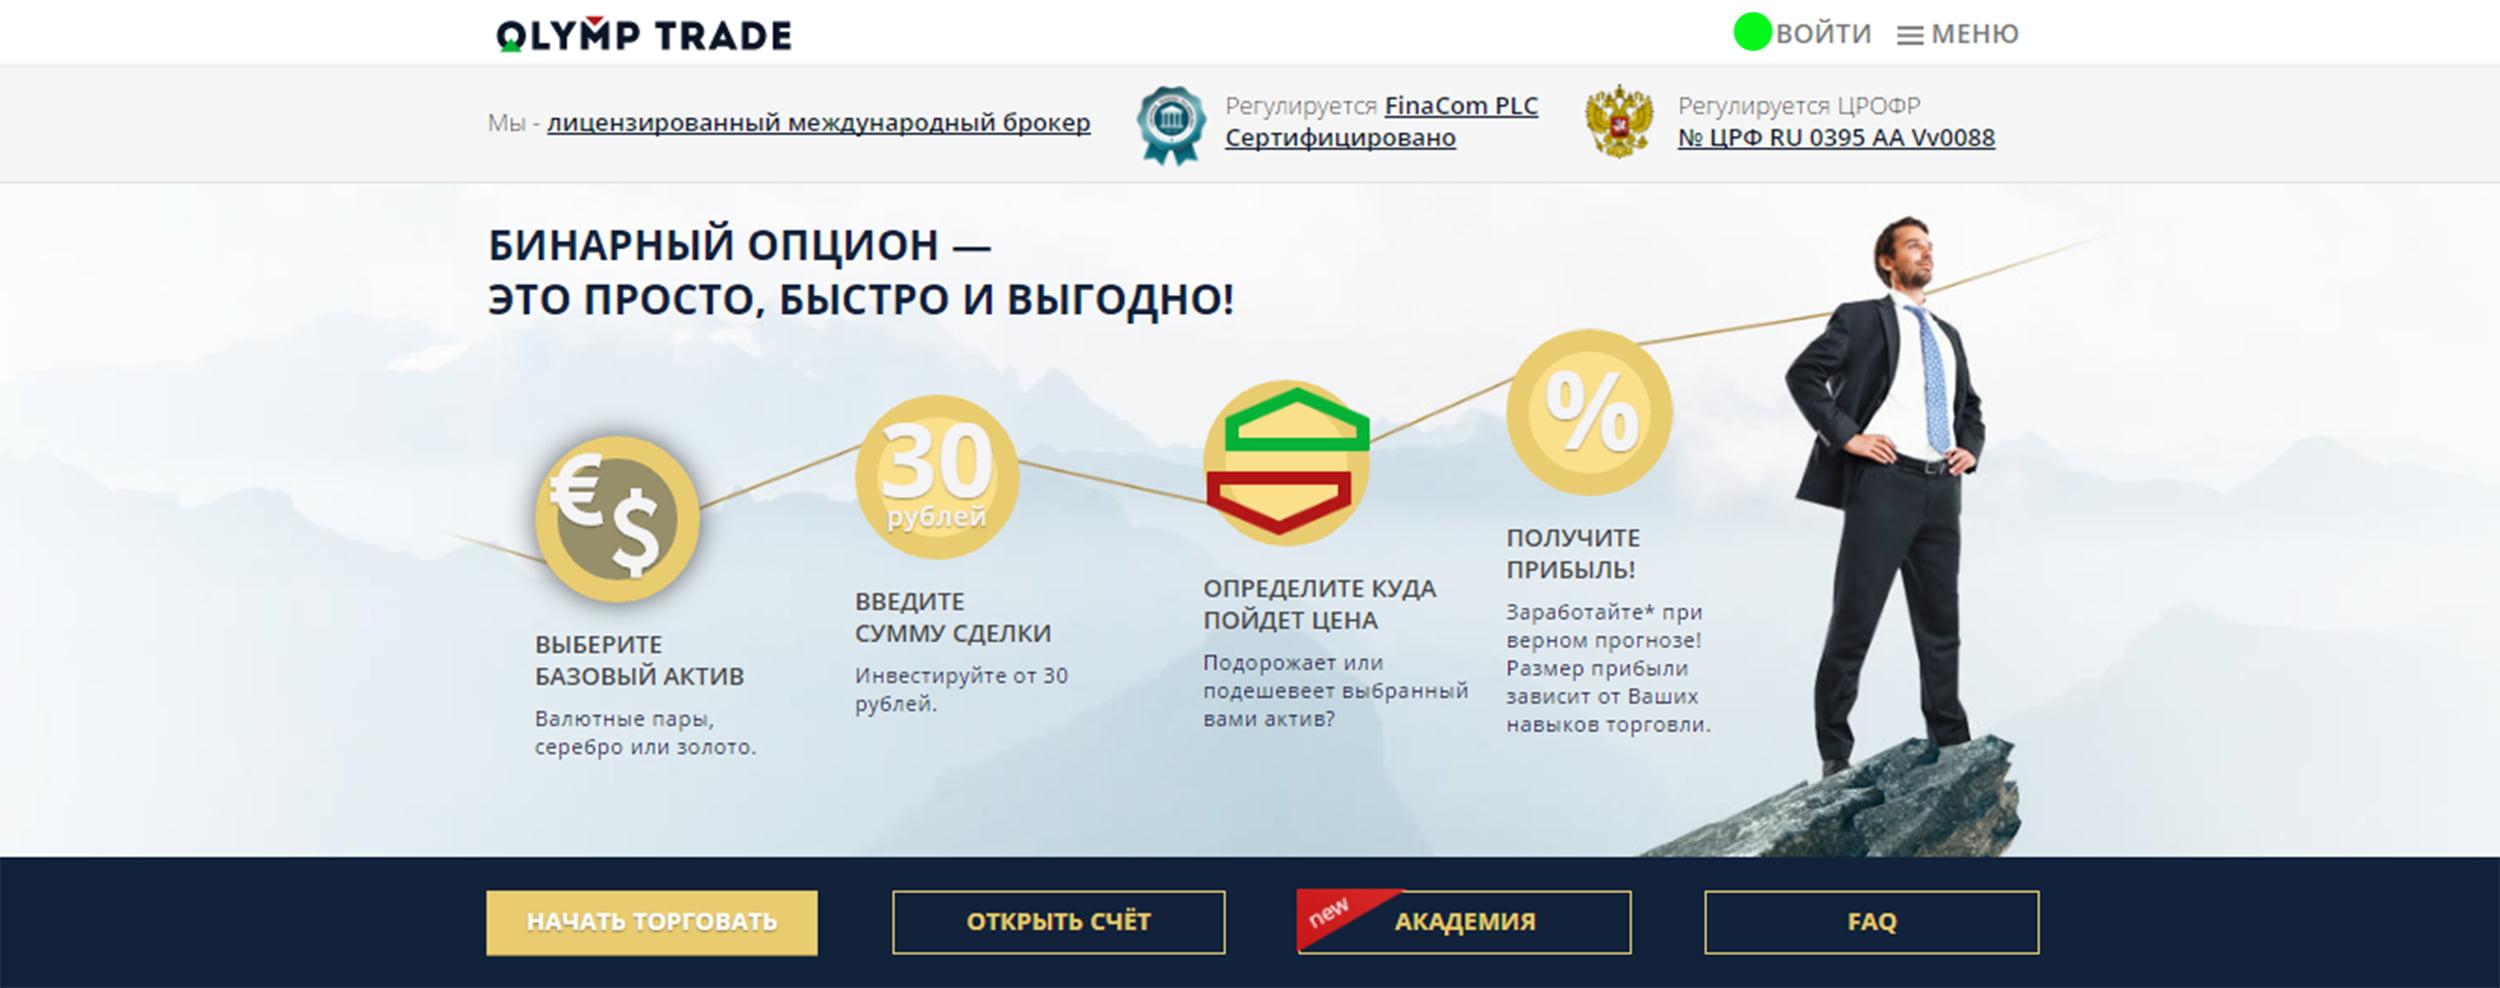 Официальный сайт компании Олимп Трейд